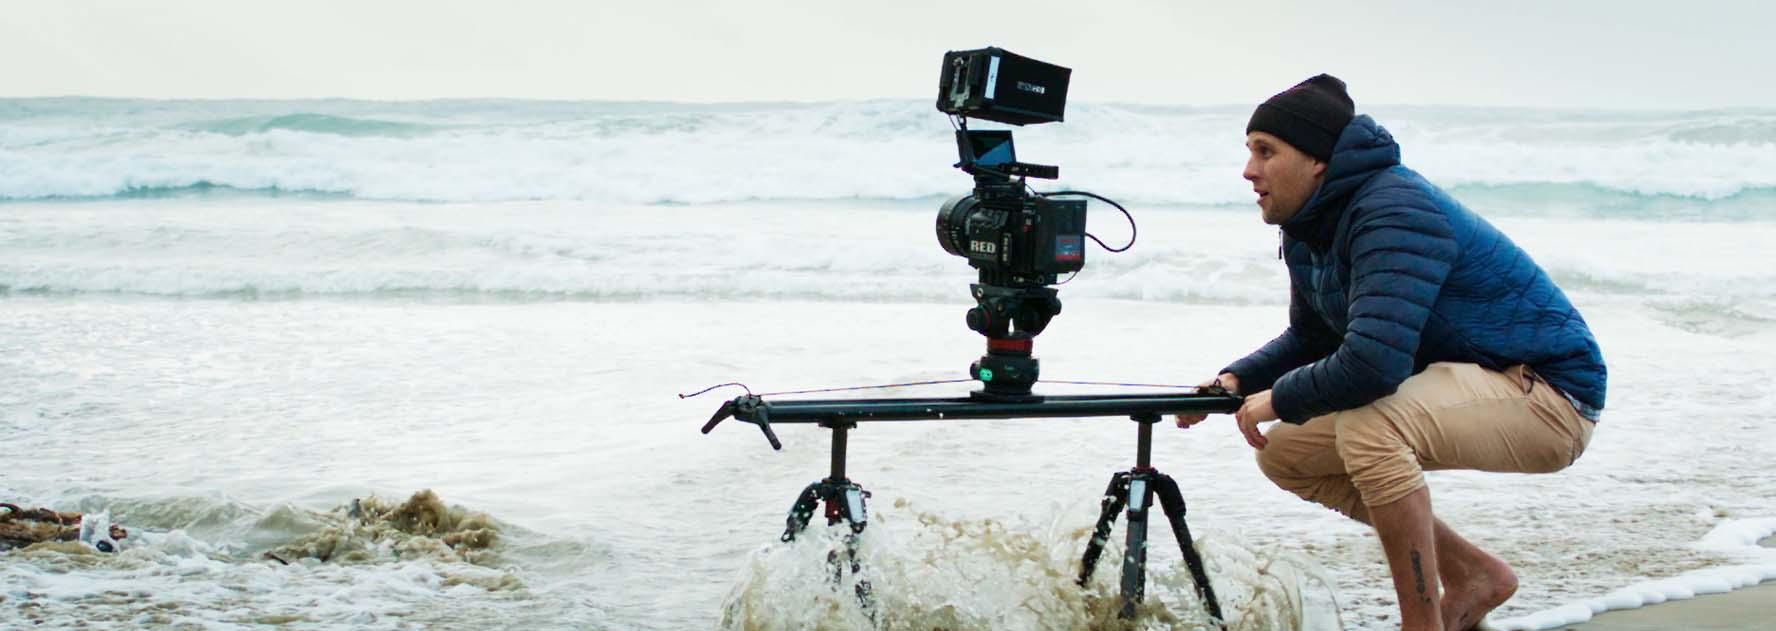 syrp video - DiseFoto y Syrp